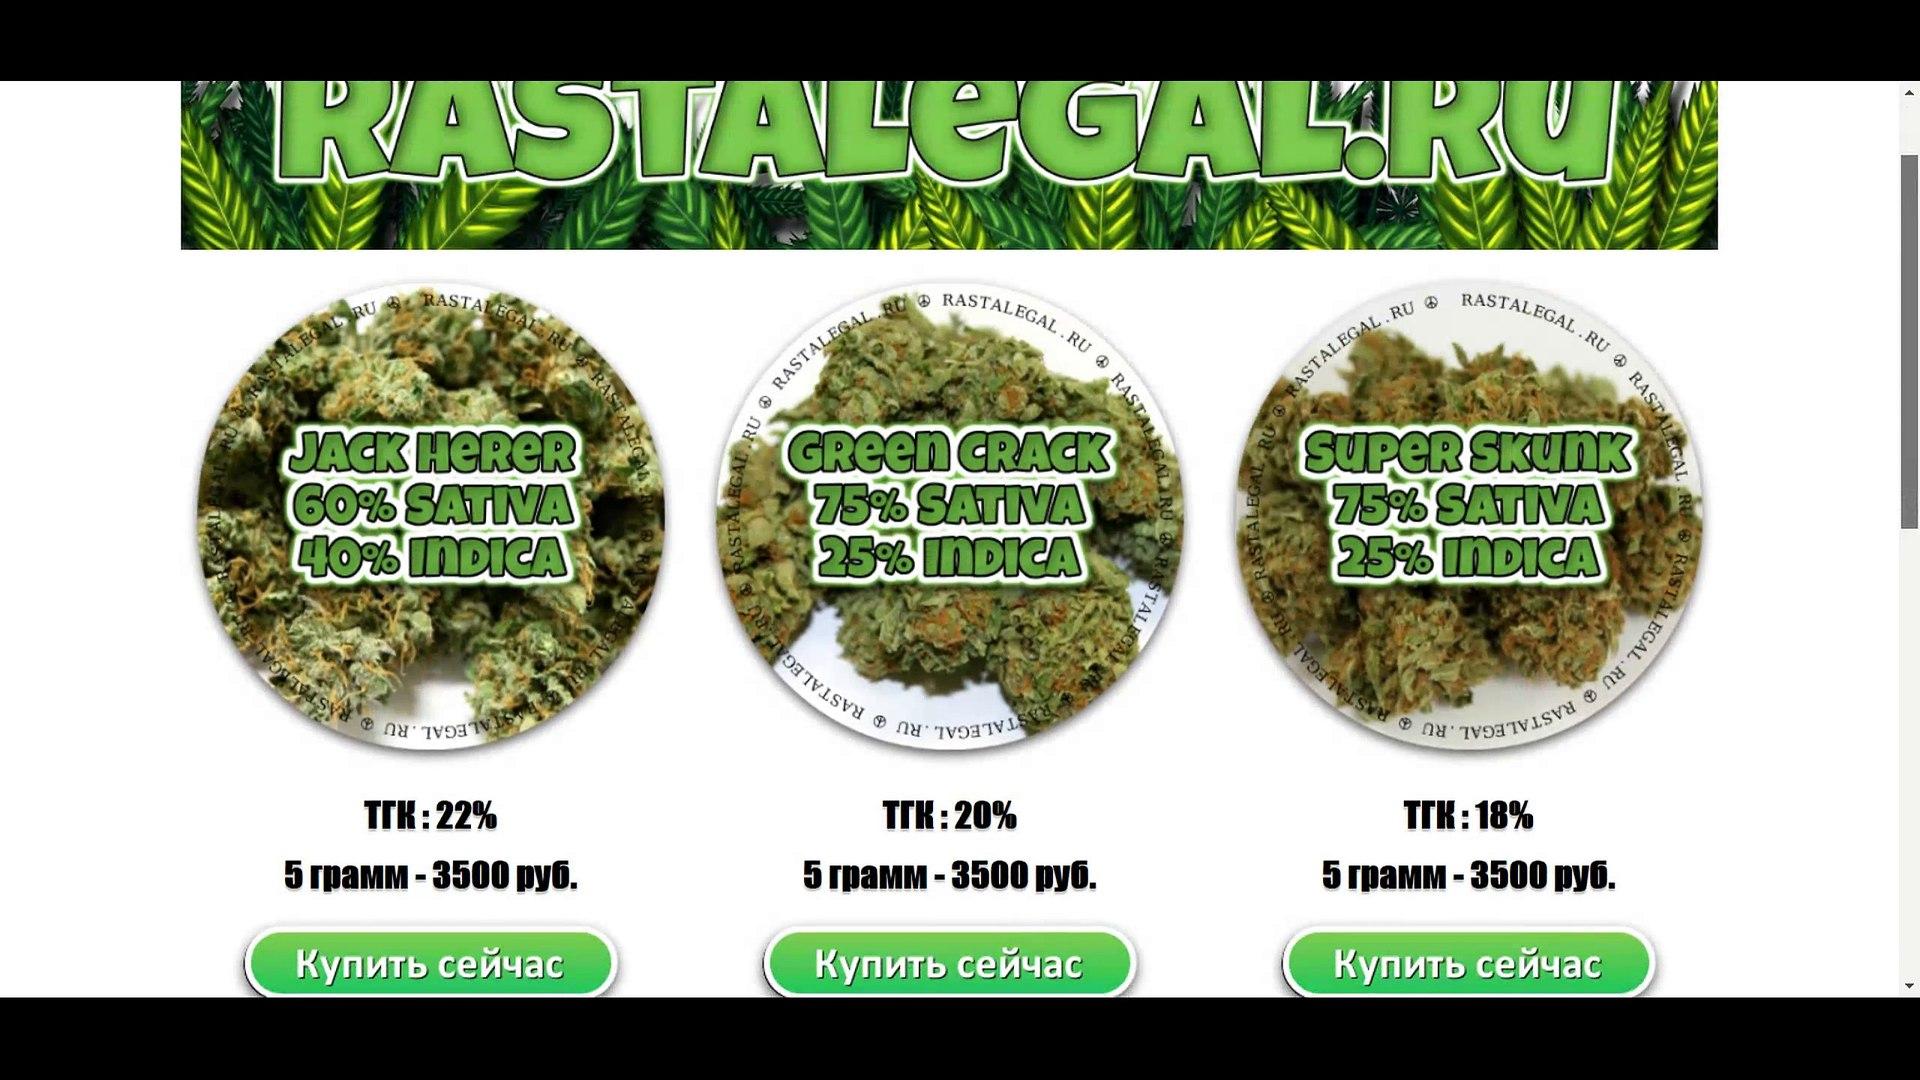 Купить марихуану в омске трафик марихуаны